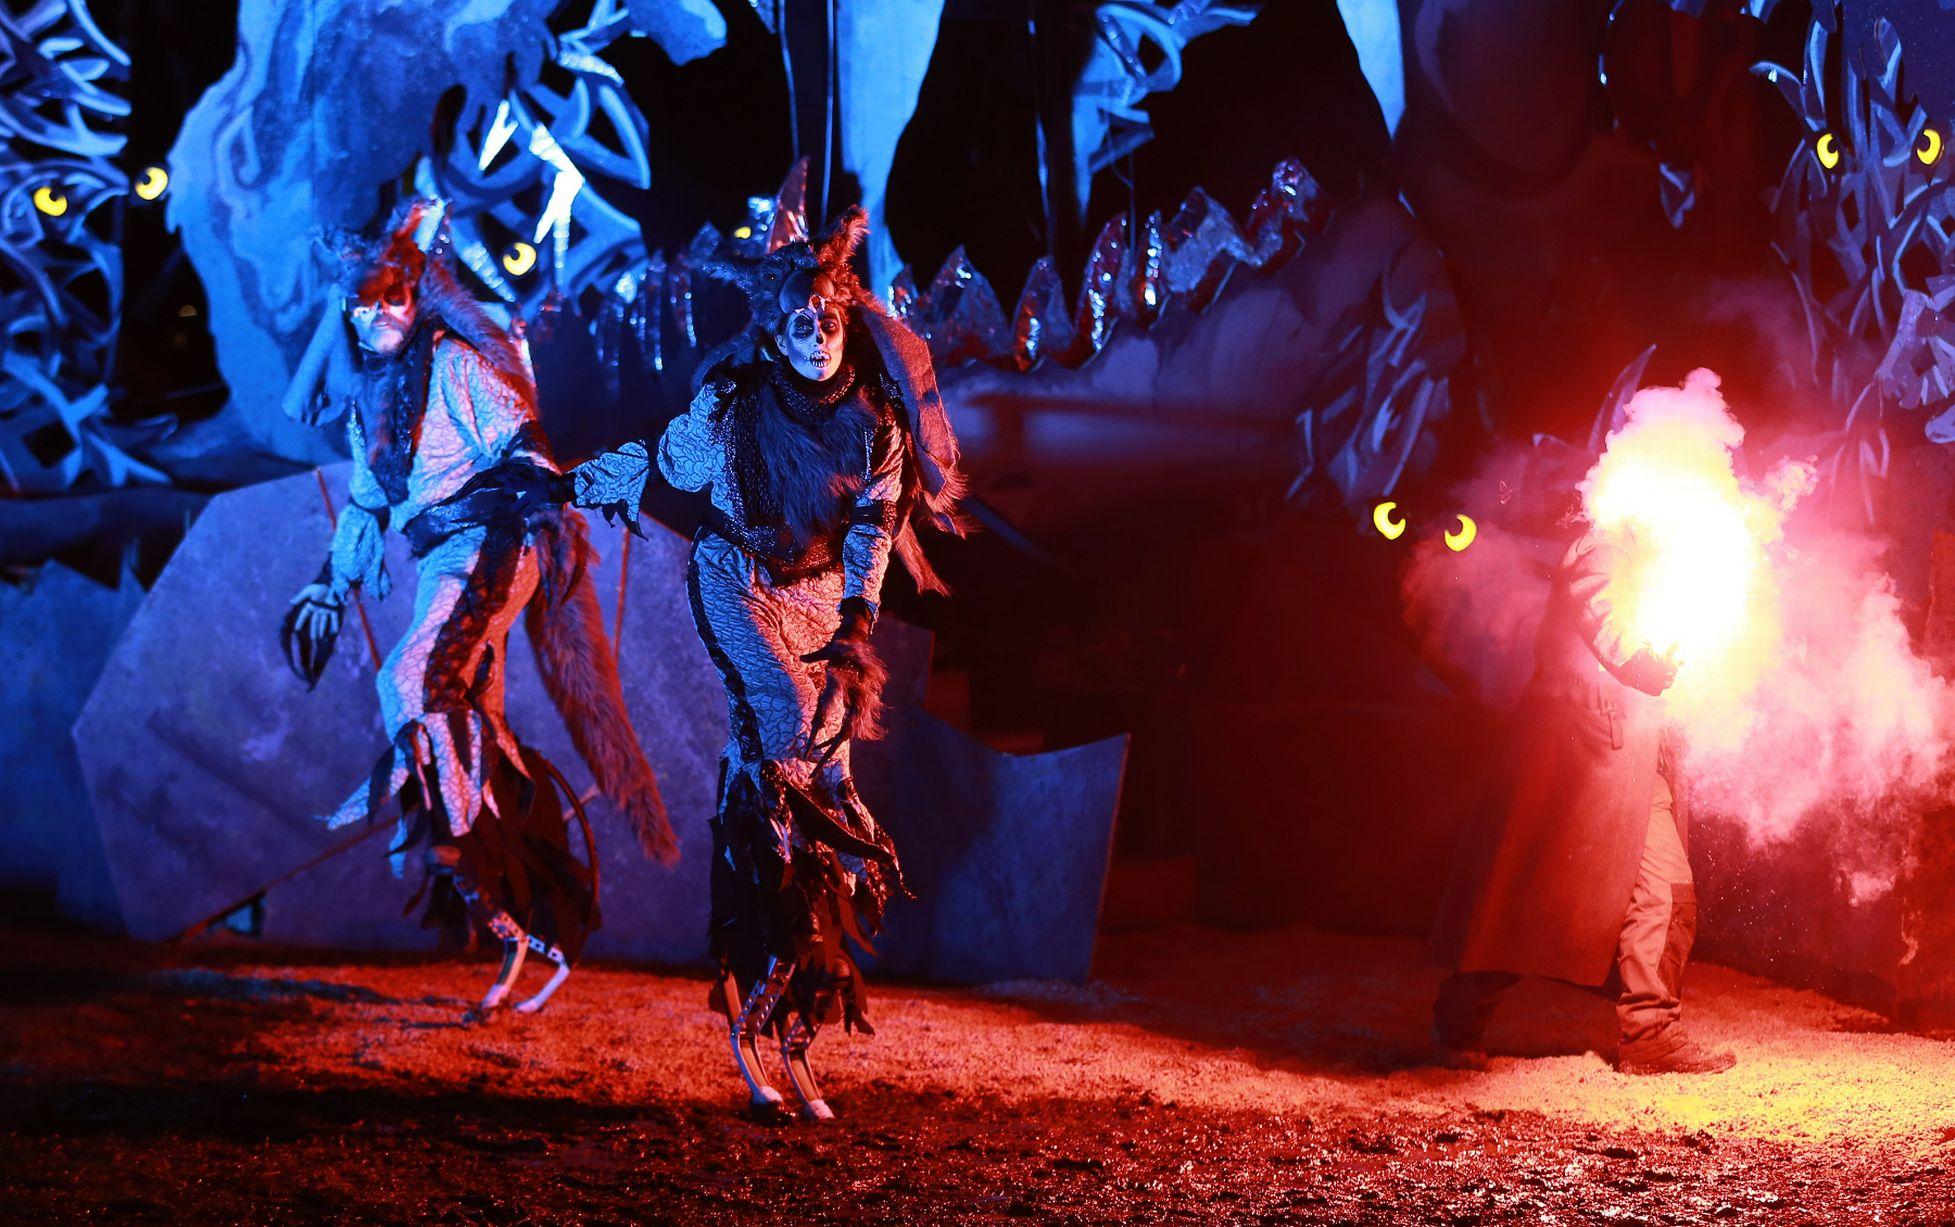 Trong buổi lễ, đốt lửa được coi là sự kiện chính. Các vũ công và những người đeo mặt nạ sẽ nhảy múa suốt đêm.